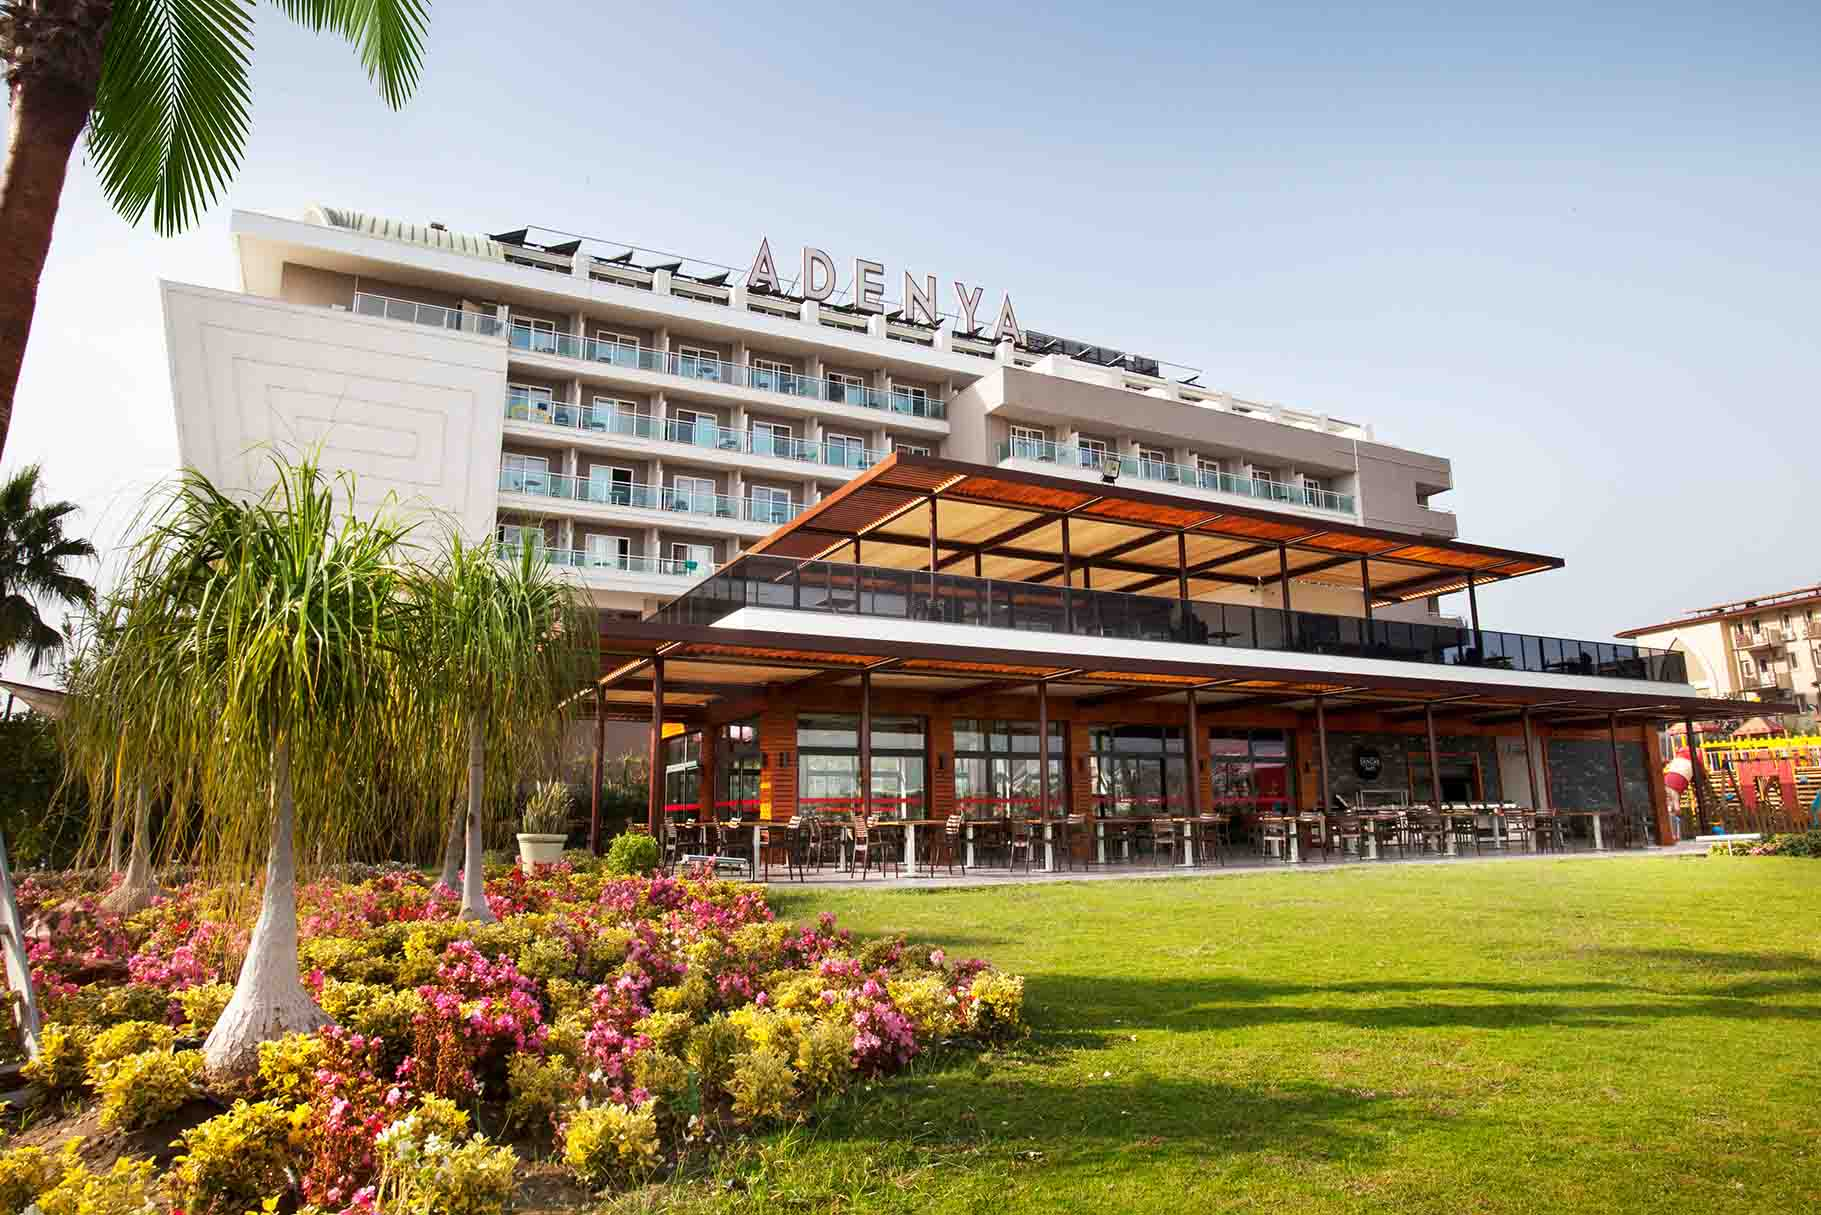 ADENYA HOTEL262328